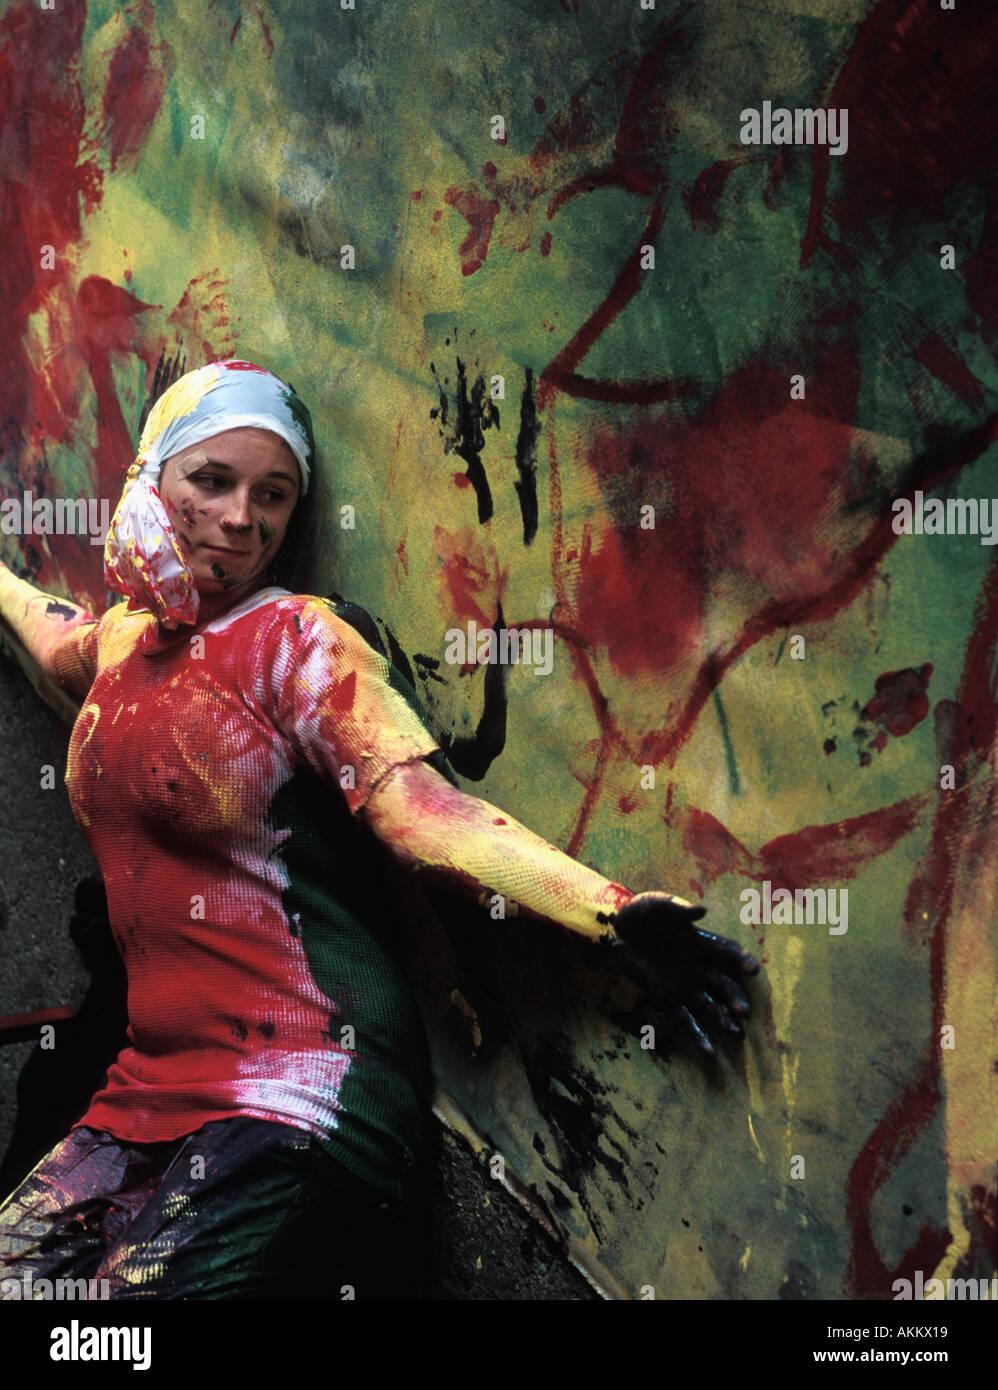 Artiste moderne en utilisant son corps comme son pinceau Photo Stock